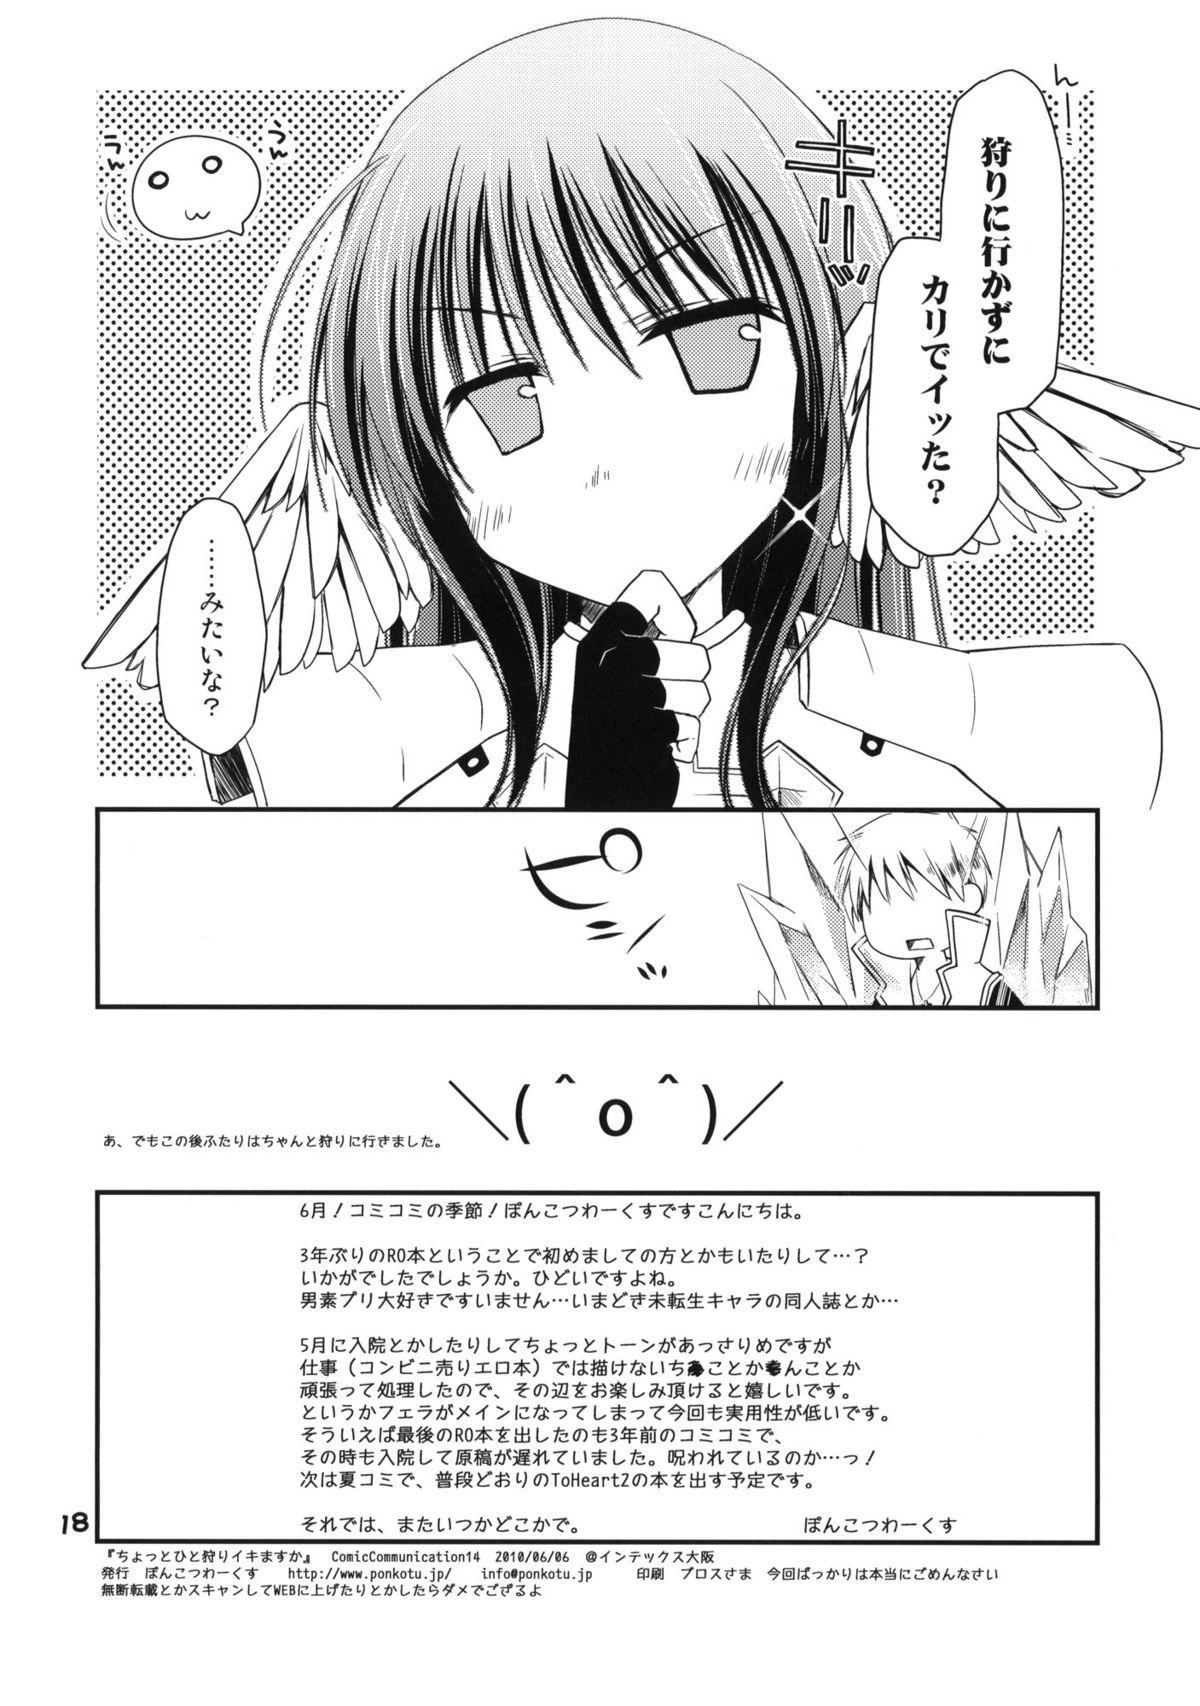 Chotto Hito Kari Ikimasuka 16